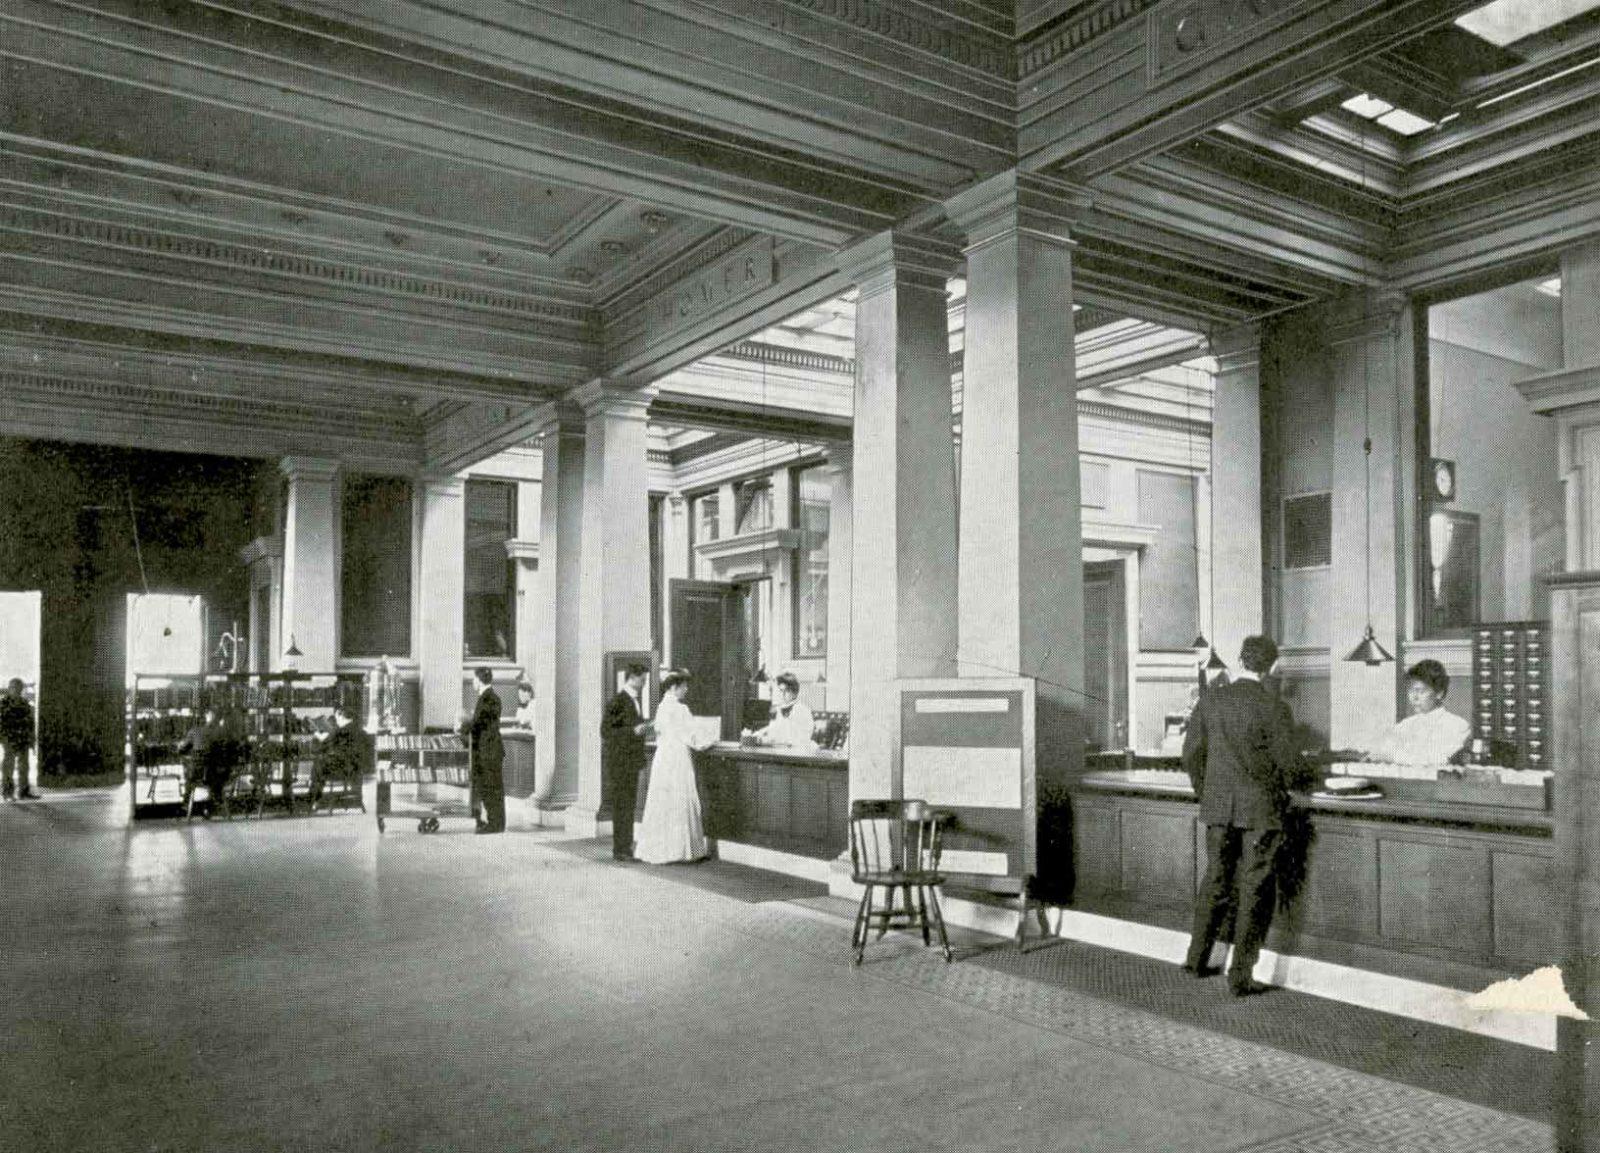 Il banco prestito originale della biblioteca, aperta nel 1903.